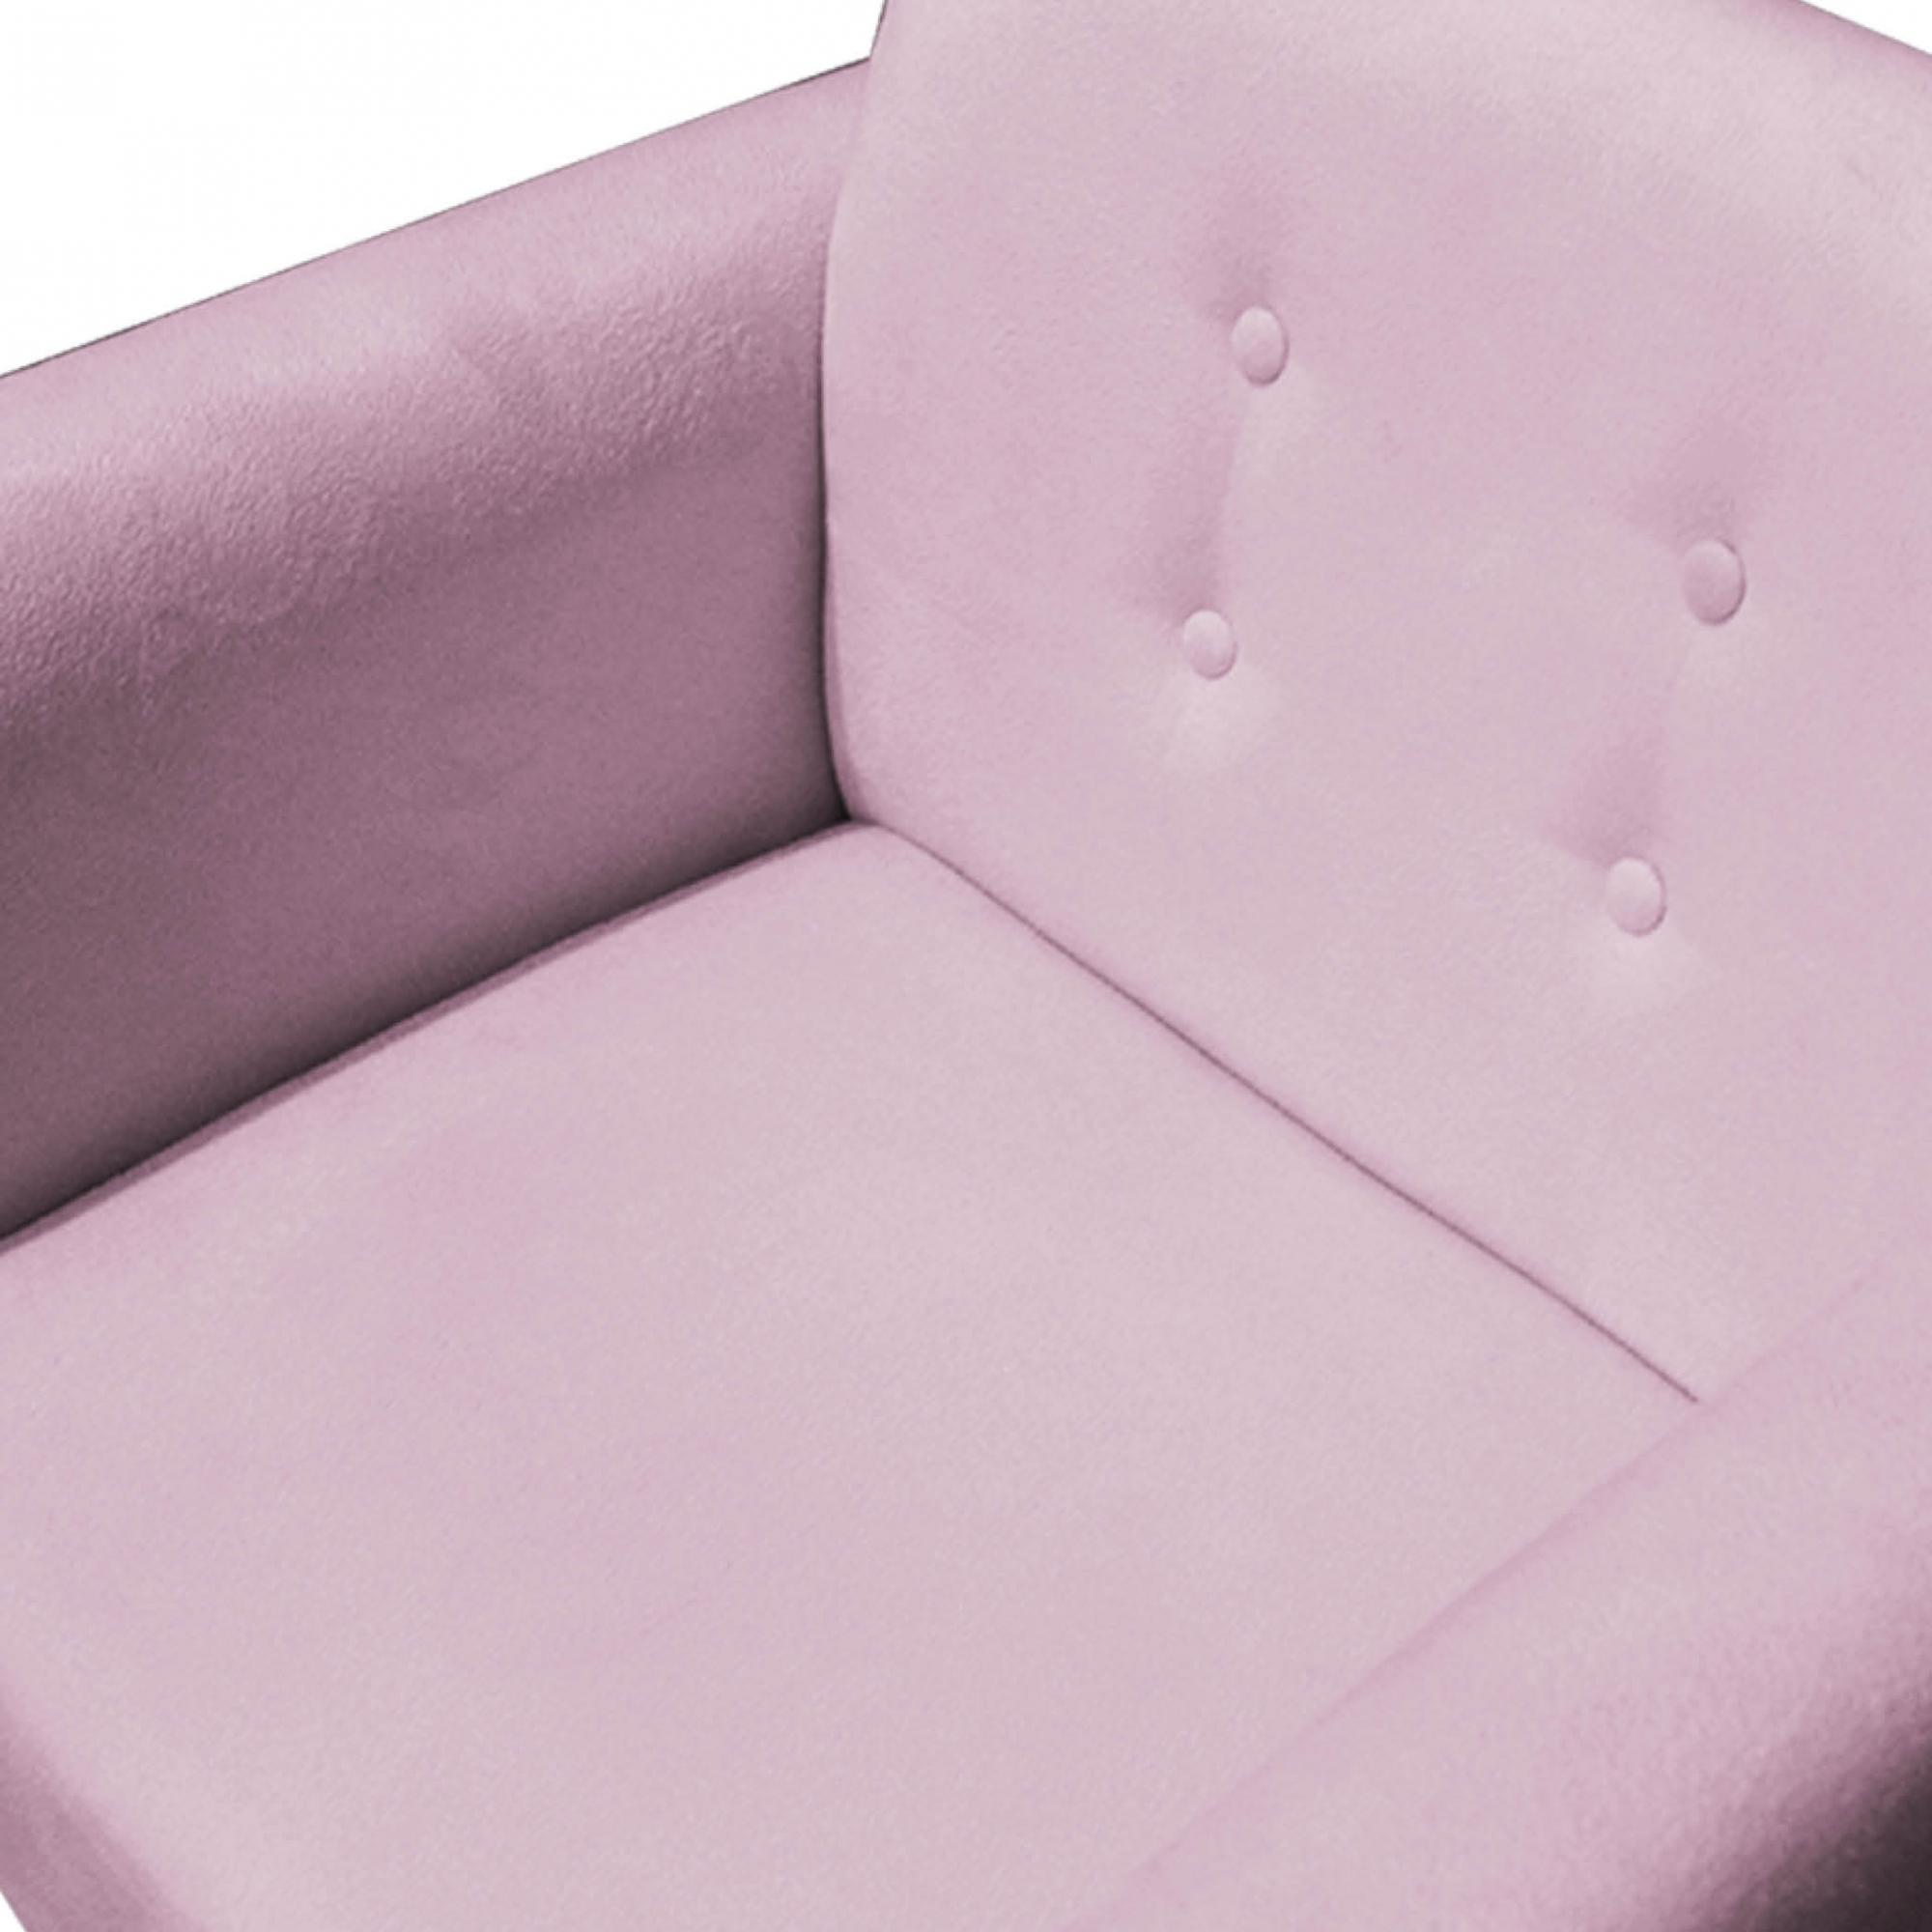 Kit 5 Poltrona Duda Decoraçâo Pé Palito Cadeira Recepção Escritório Clinica D'Classe Decor Suede Rosa Bebê